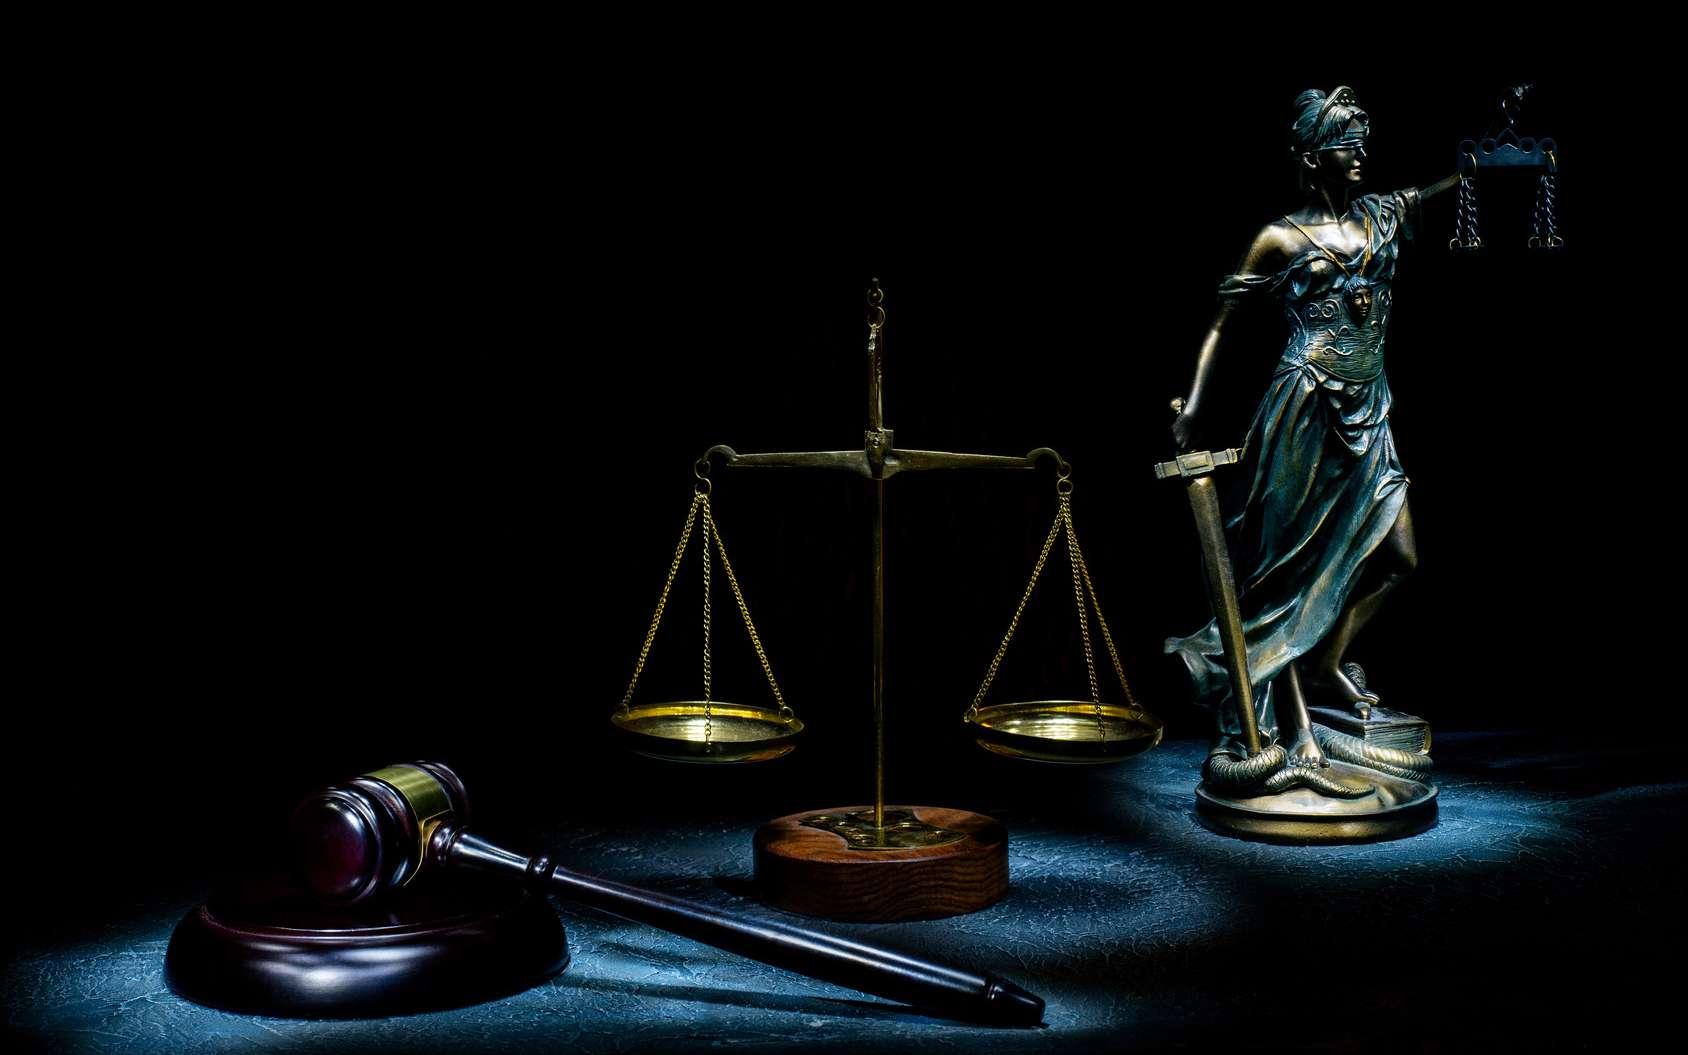 La capacité juridique et la capacité de jouissance, deux notions à ne pas confondre. © filins, Fotolia